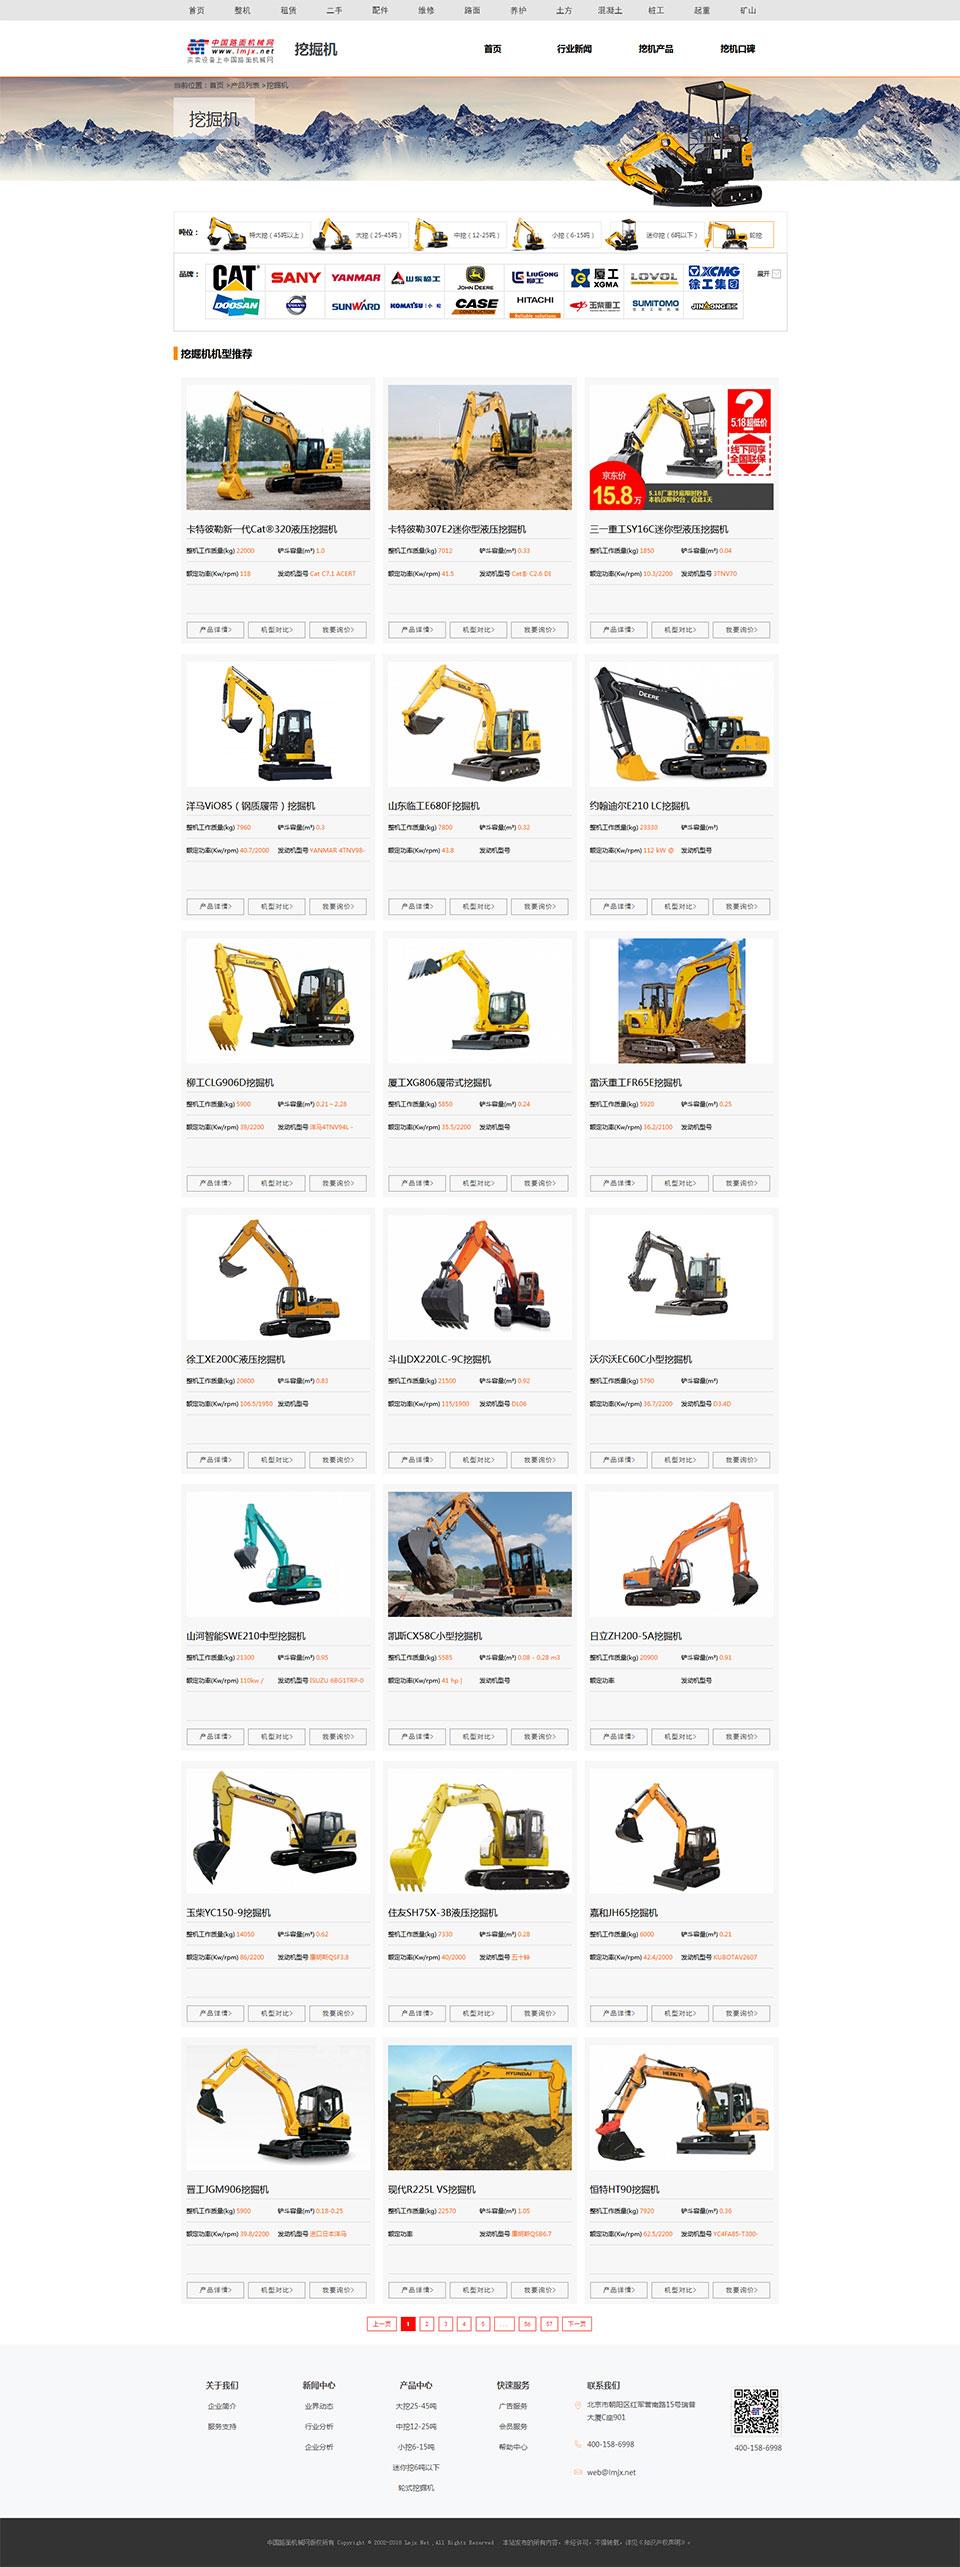 【挖掘机】挖掘机参数_挖掘机报价-中国路面机械网2.jpg